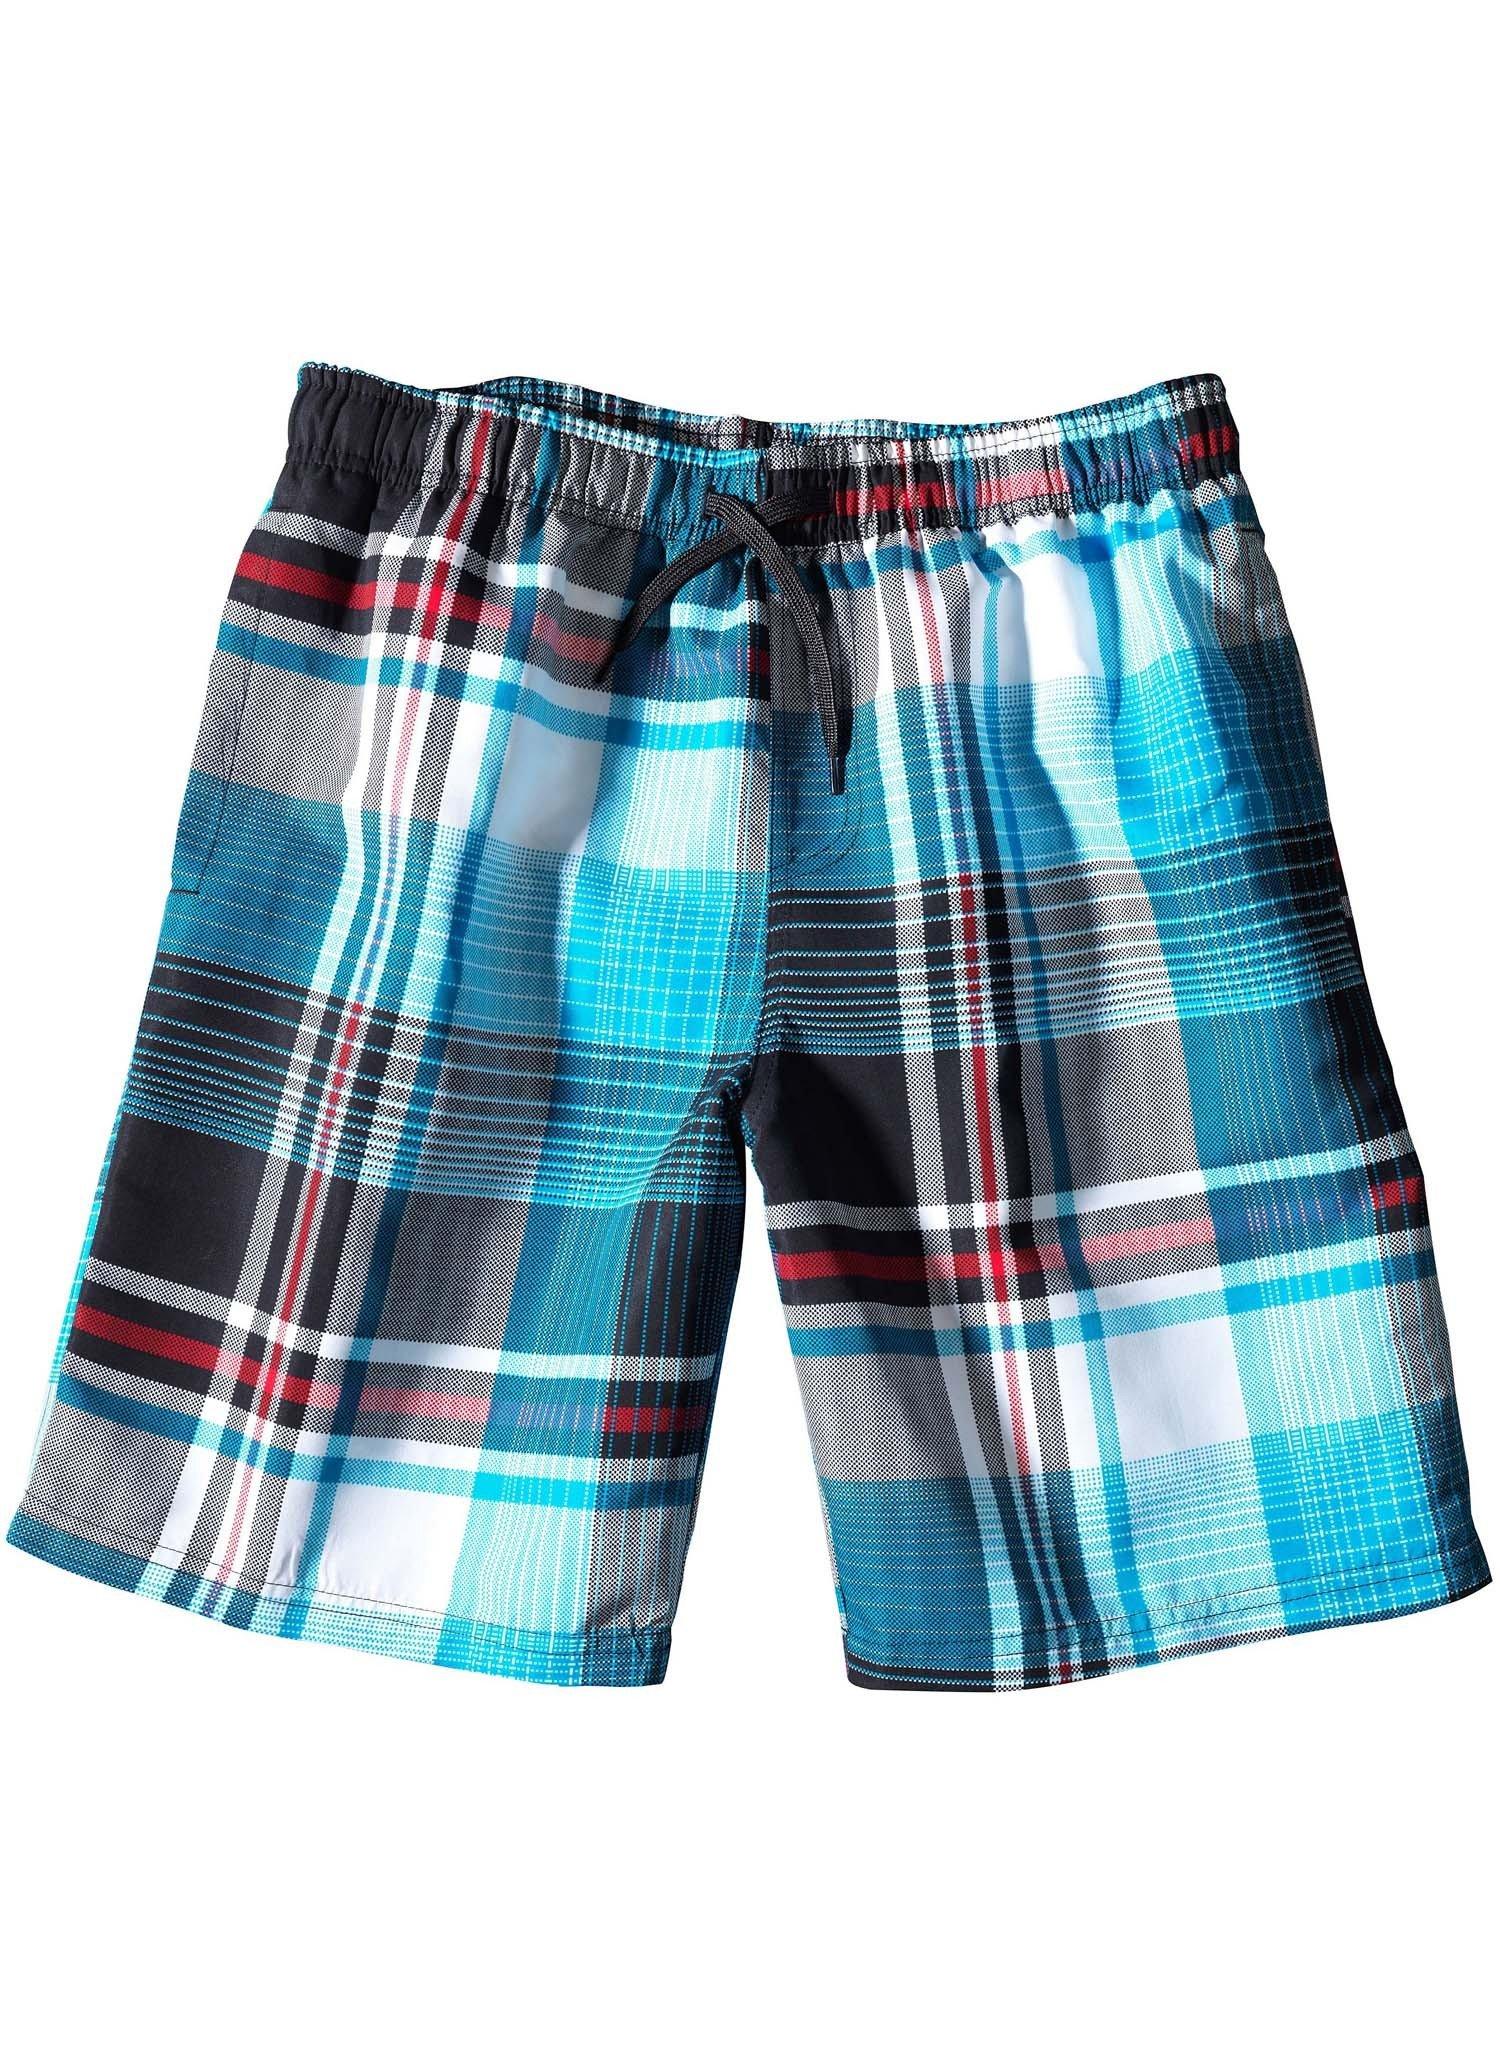 H-Bade-Shorts,Karo blau L 047 - 2 - Ronja.ch